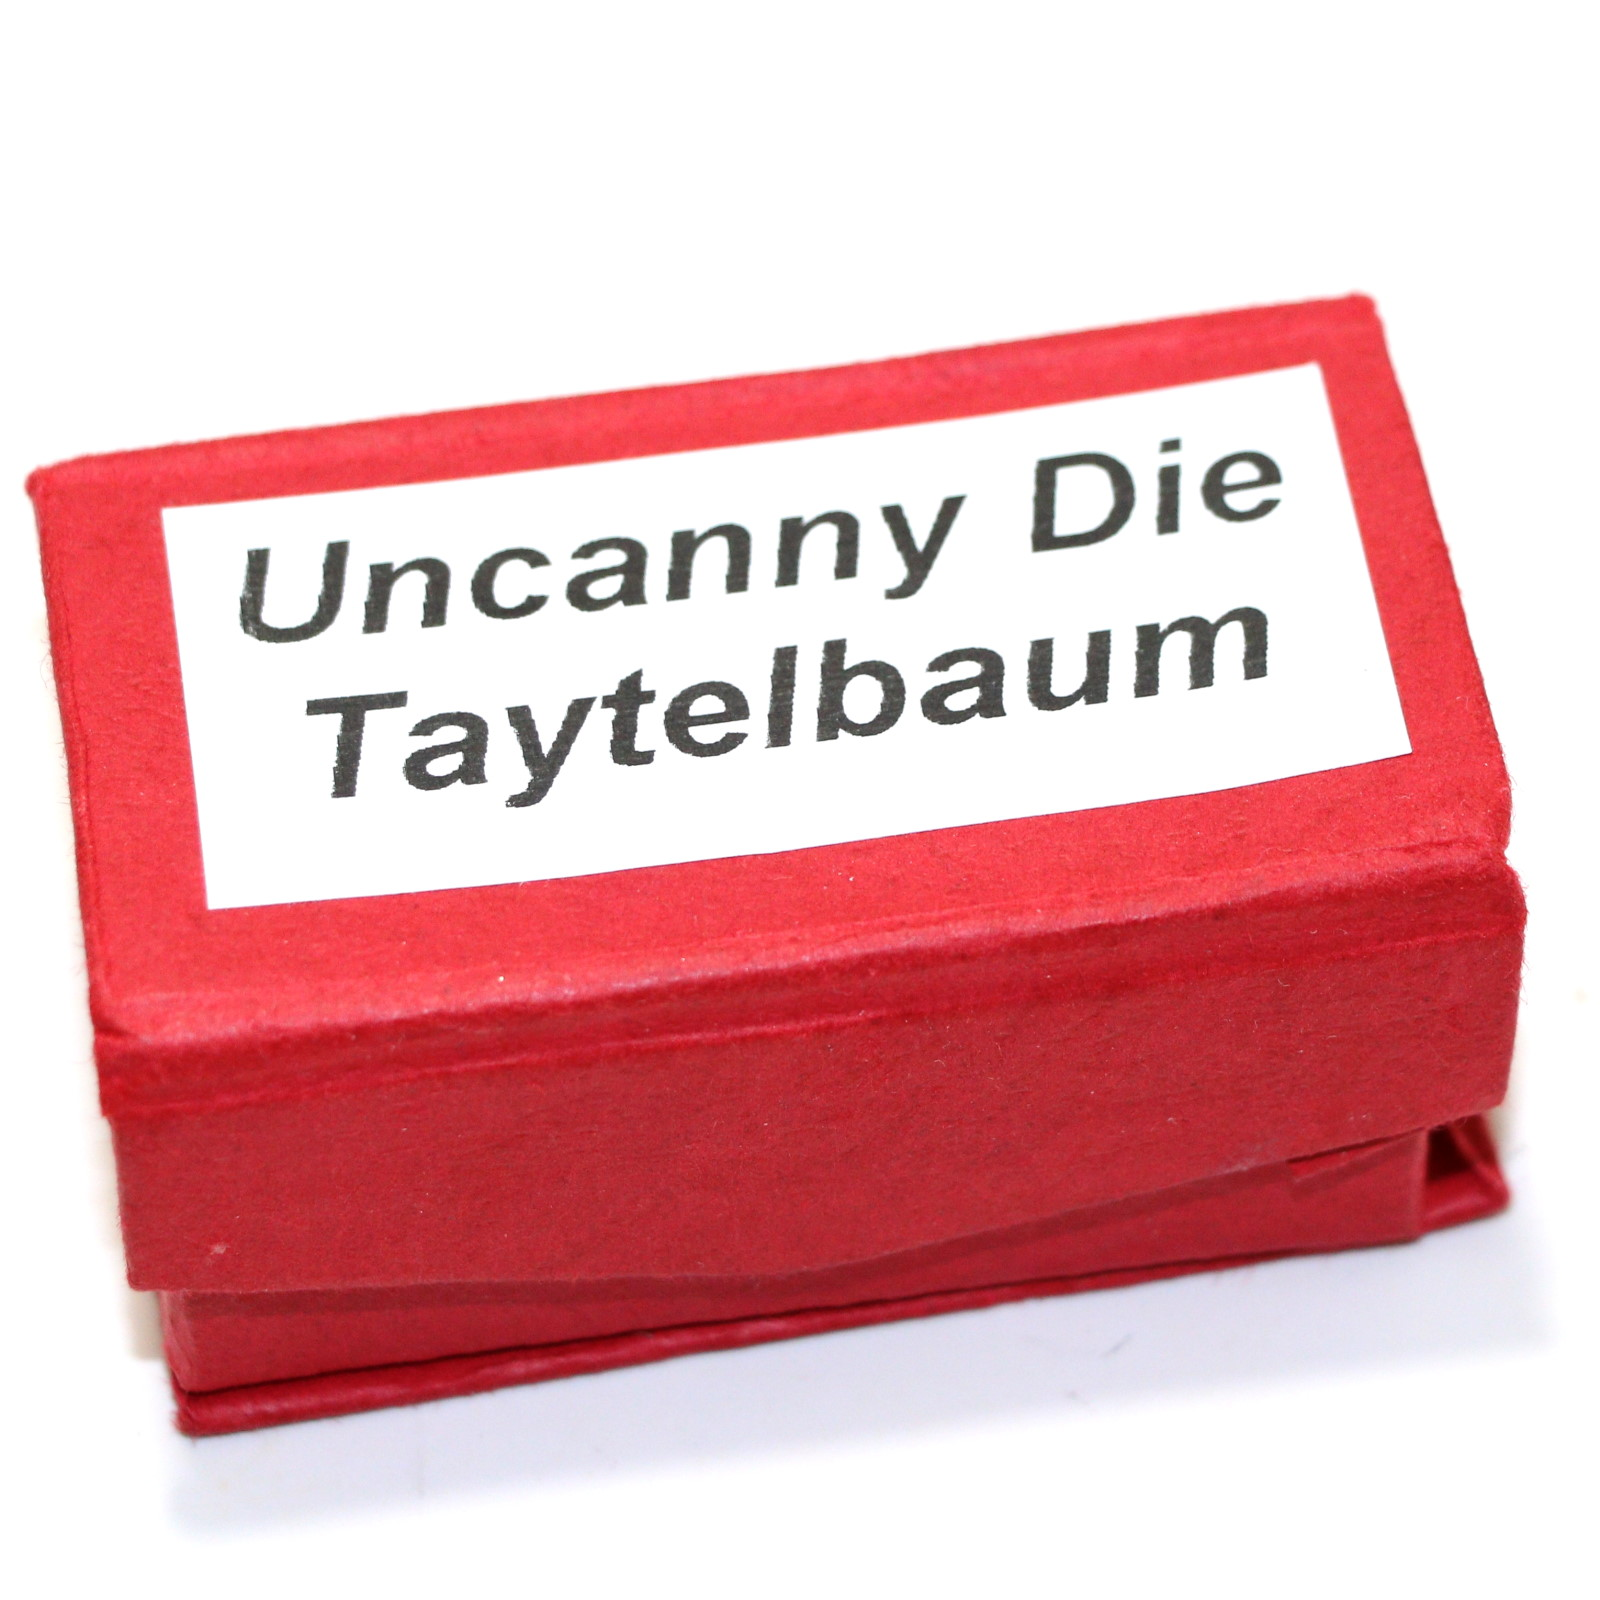 Uncanny Die by Eddy Taytelbaum